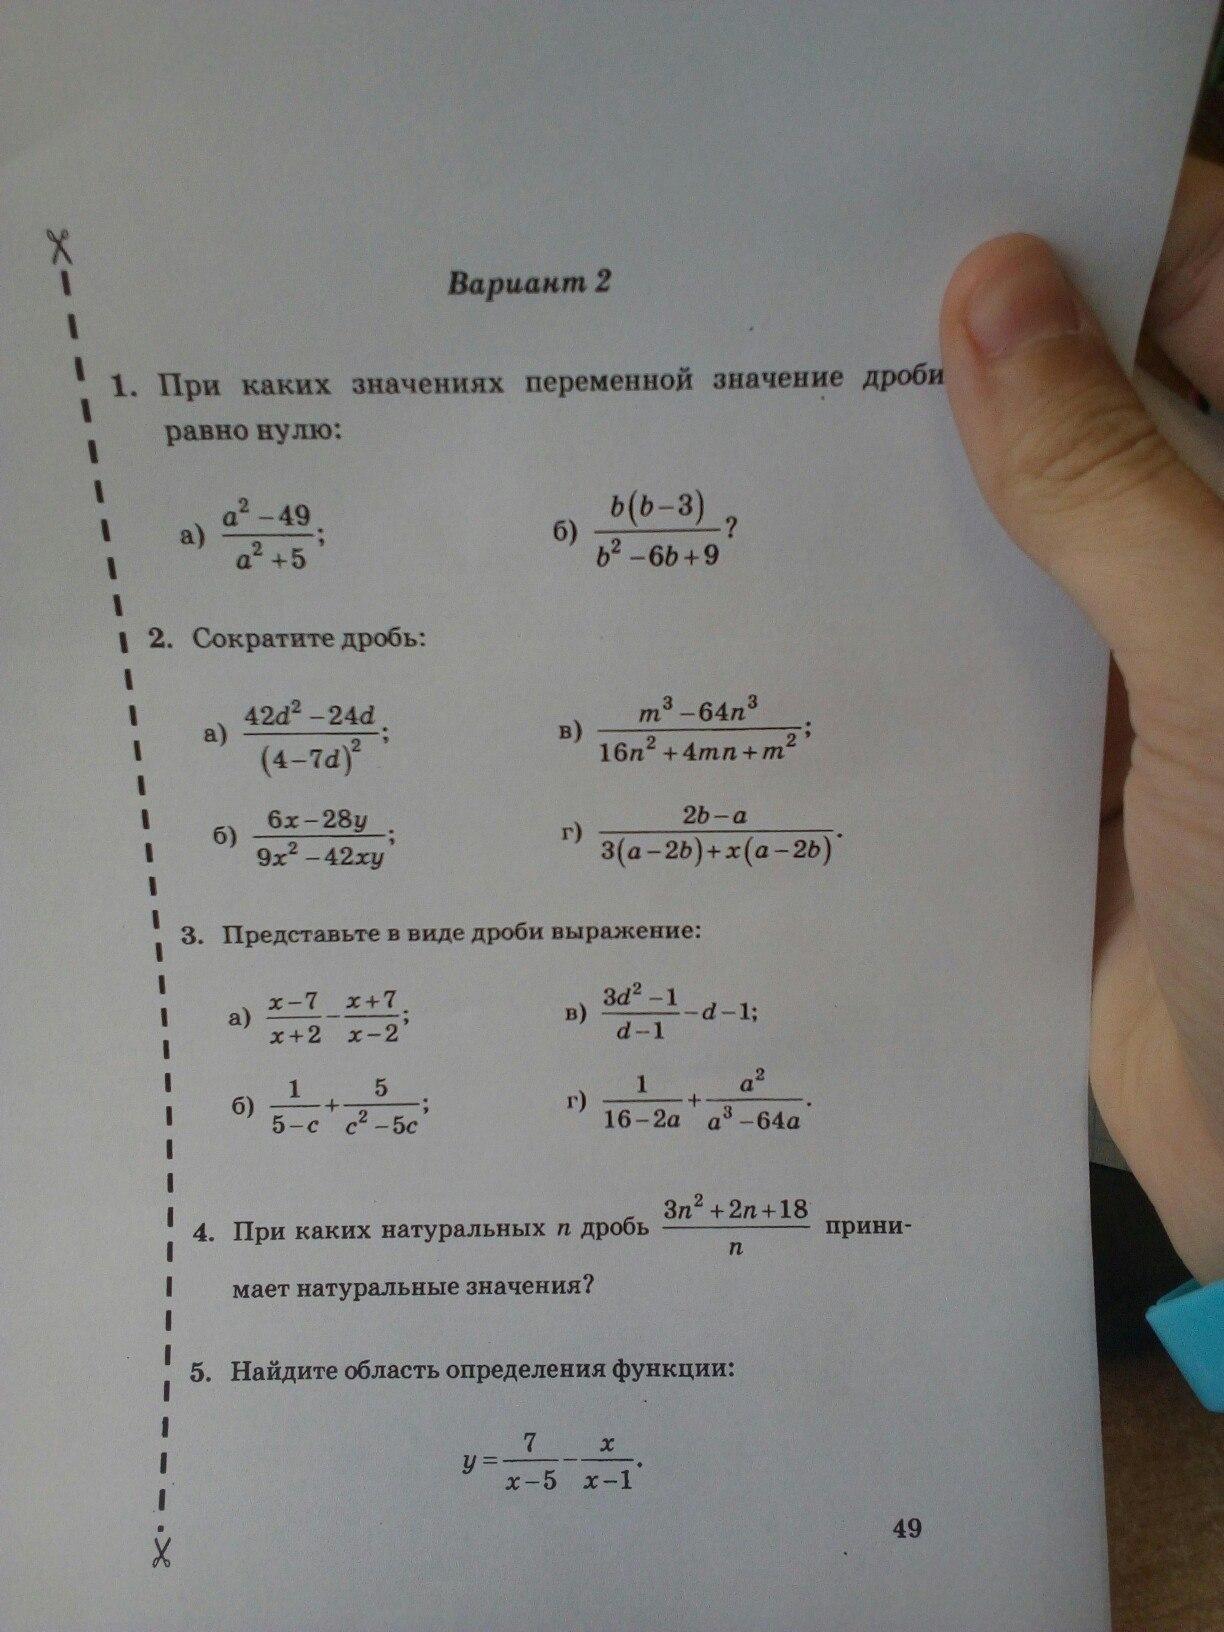 контрольная по математике класс я очень вас прошу на коленях  Загрузить jpg